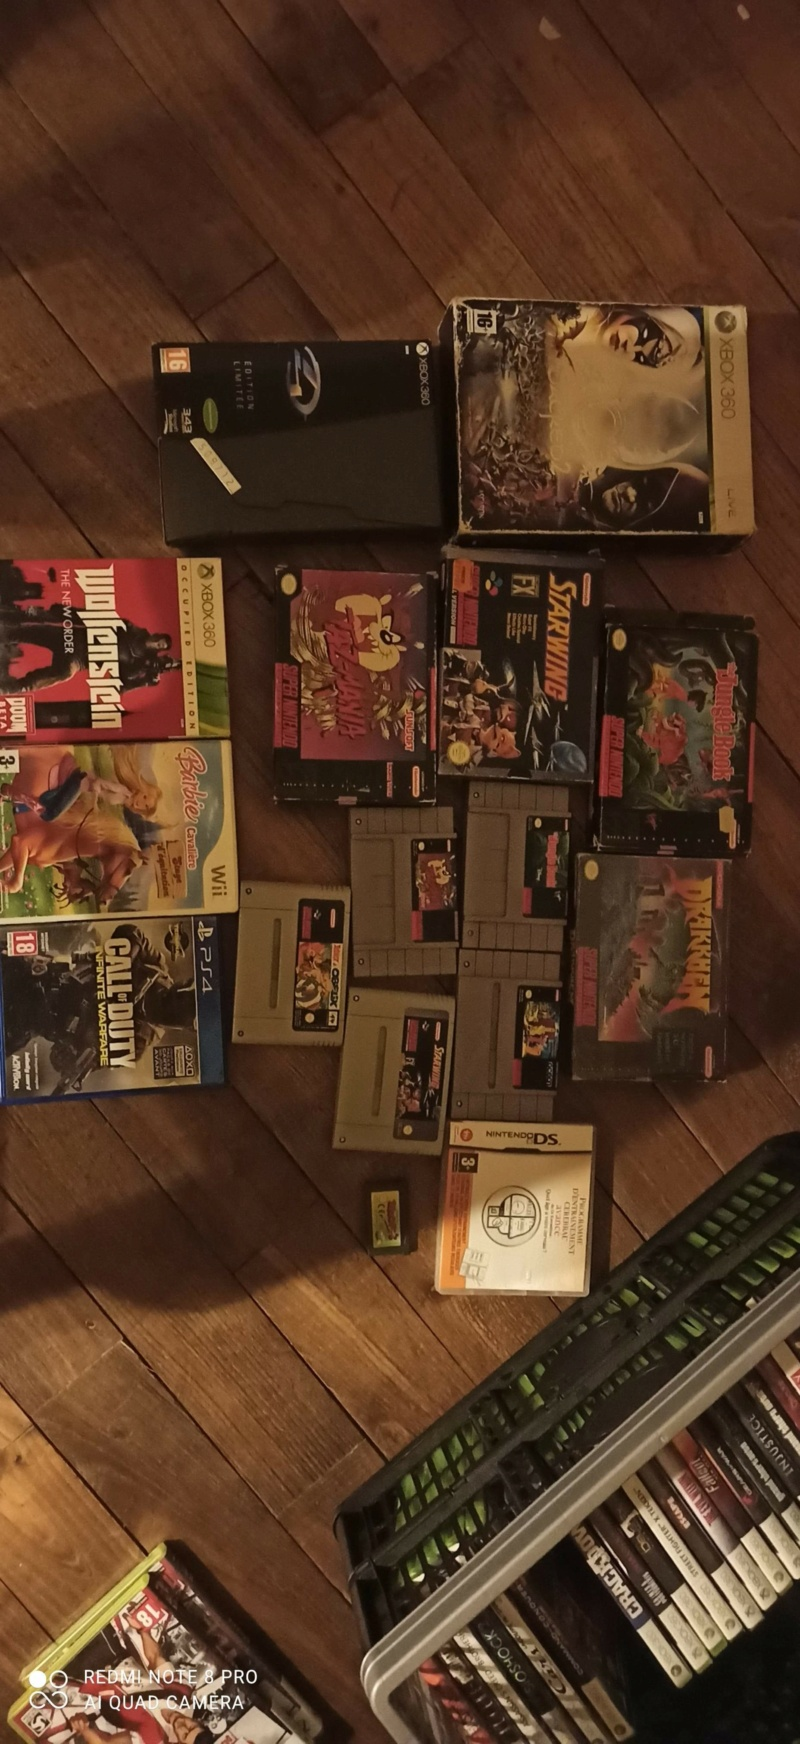 [ECH/RCH] cartes yu gi oh et des jeux vidéo ( ps4 ds gba xbox360 snes ) et des mangas Receiv16